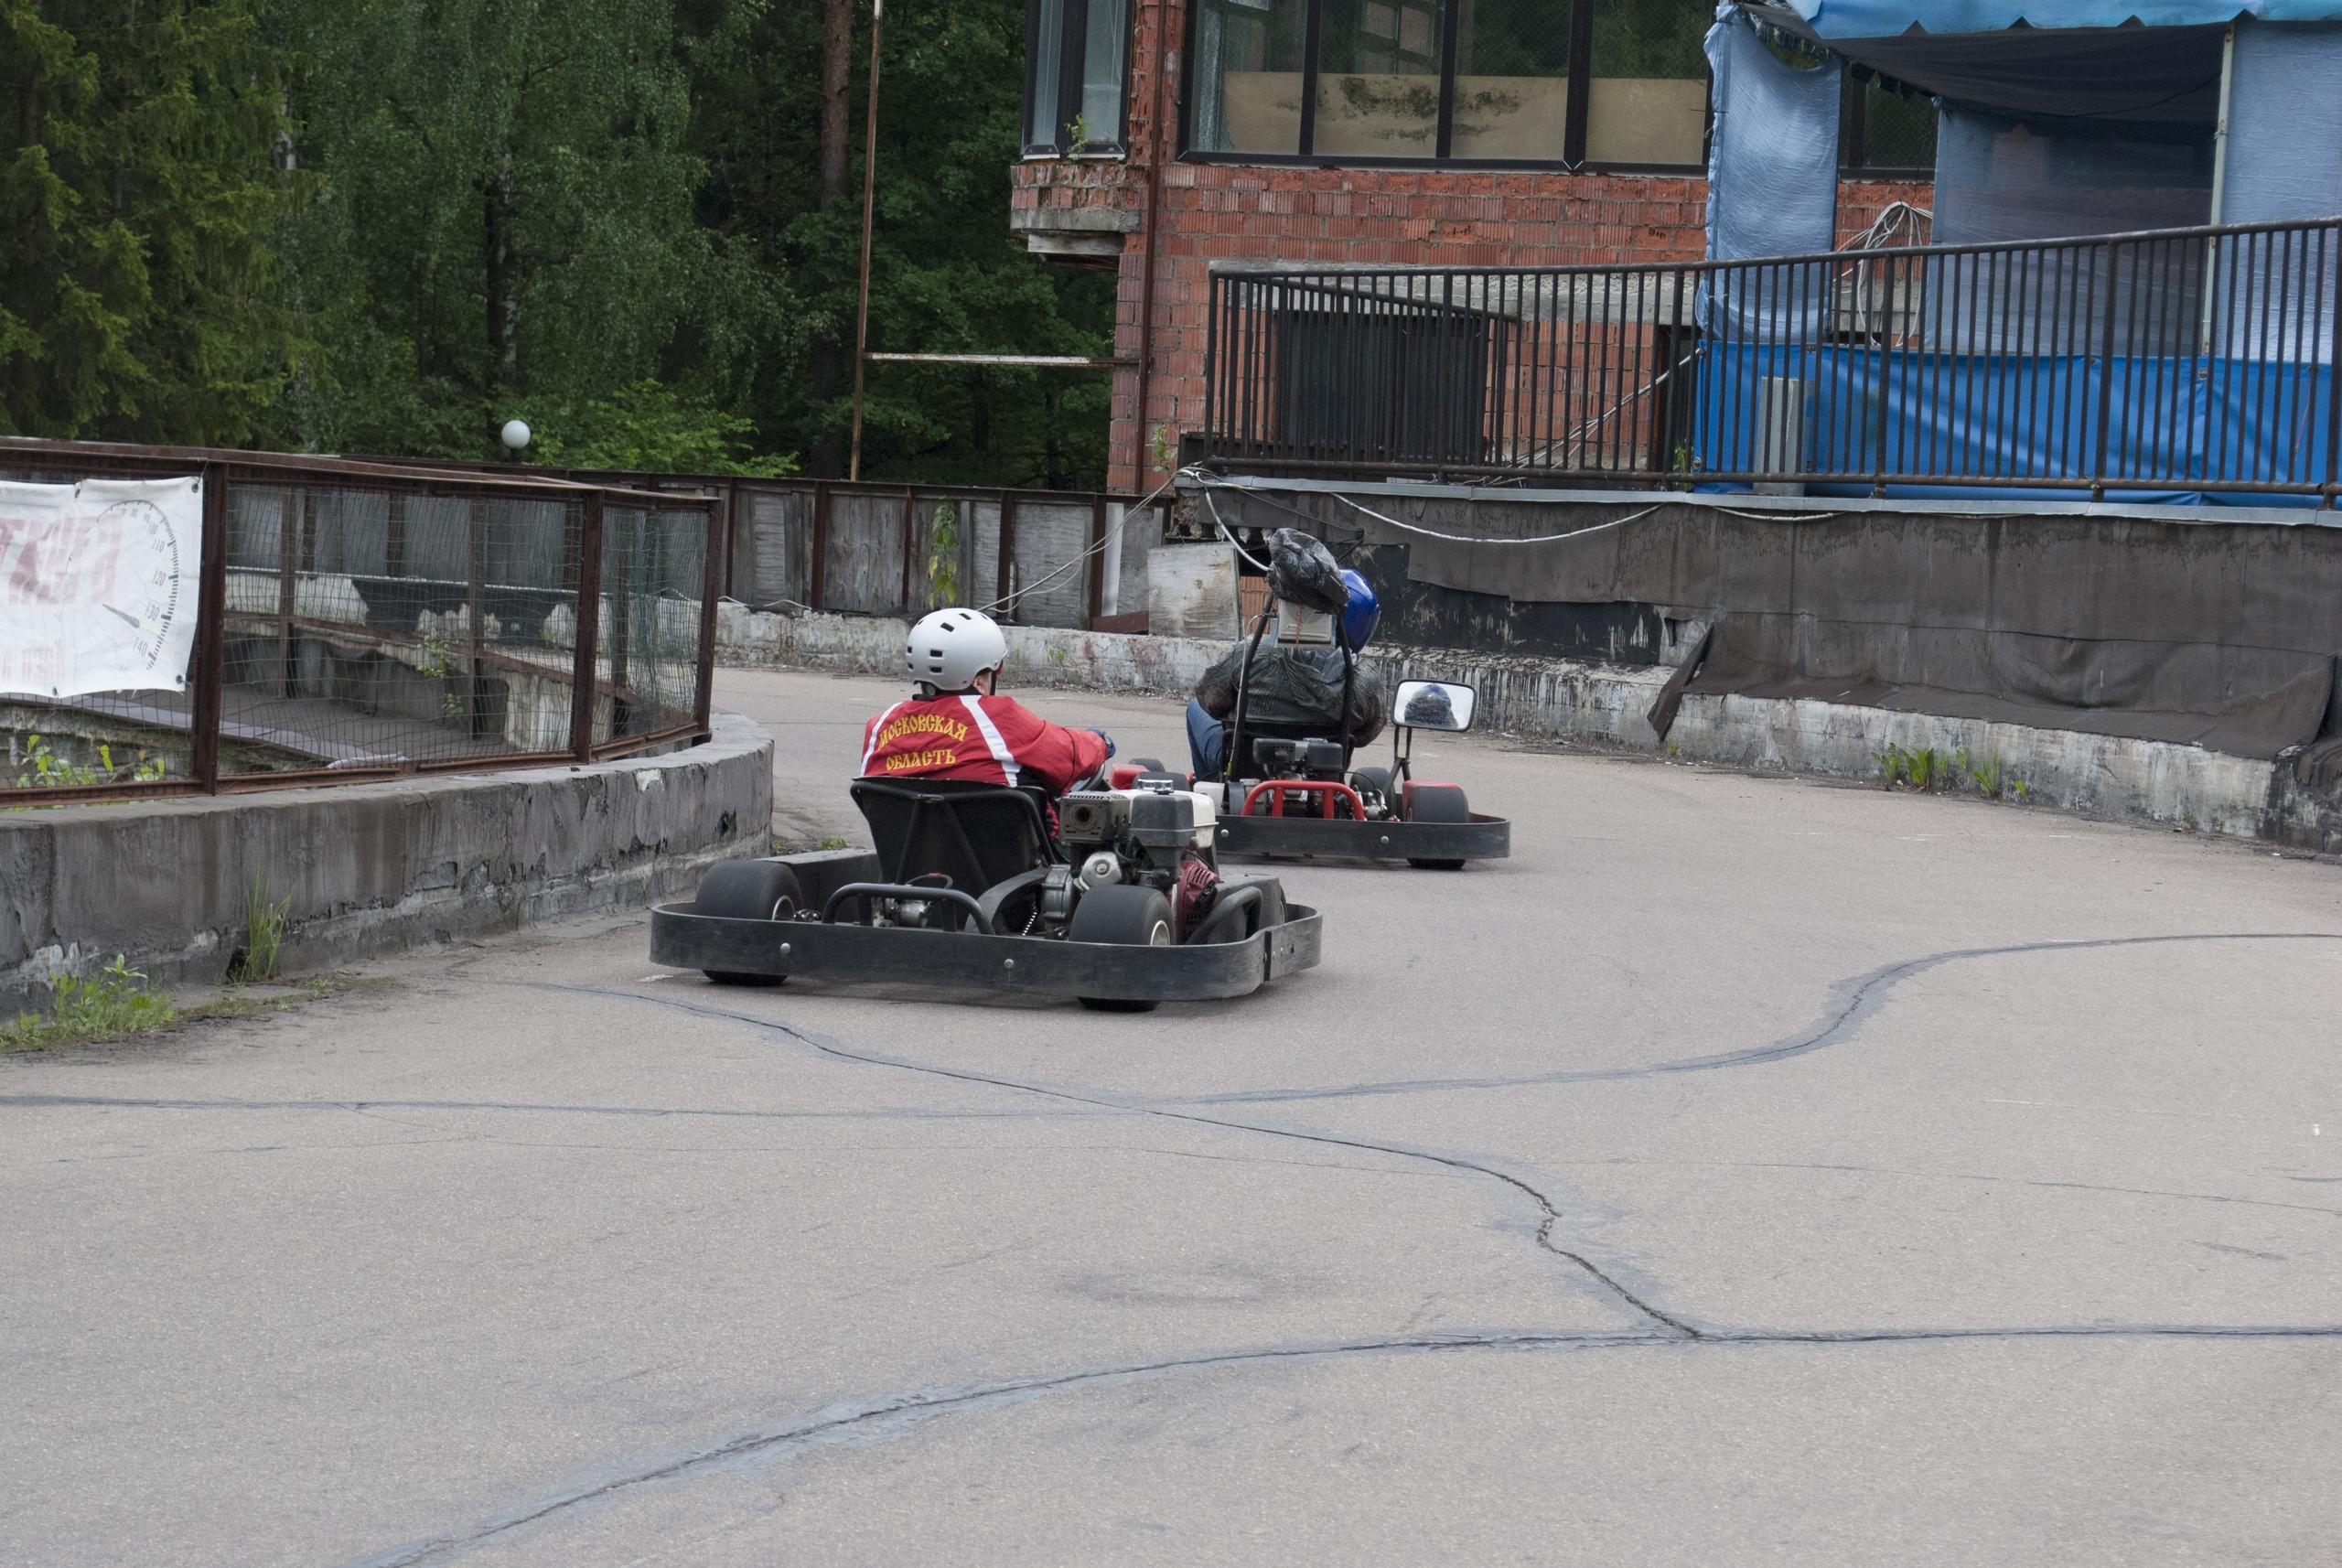 Павел Дрёмин и Андрей Заяц, в процессе езды по треку. Пролетают участок трассы с бетонным ограждением, перед спуском. Вид сзади.